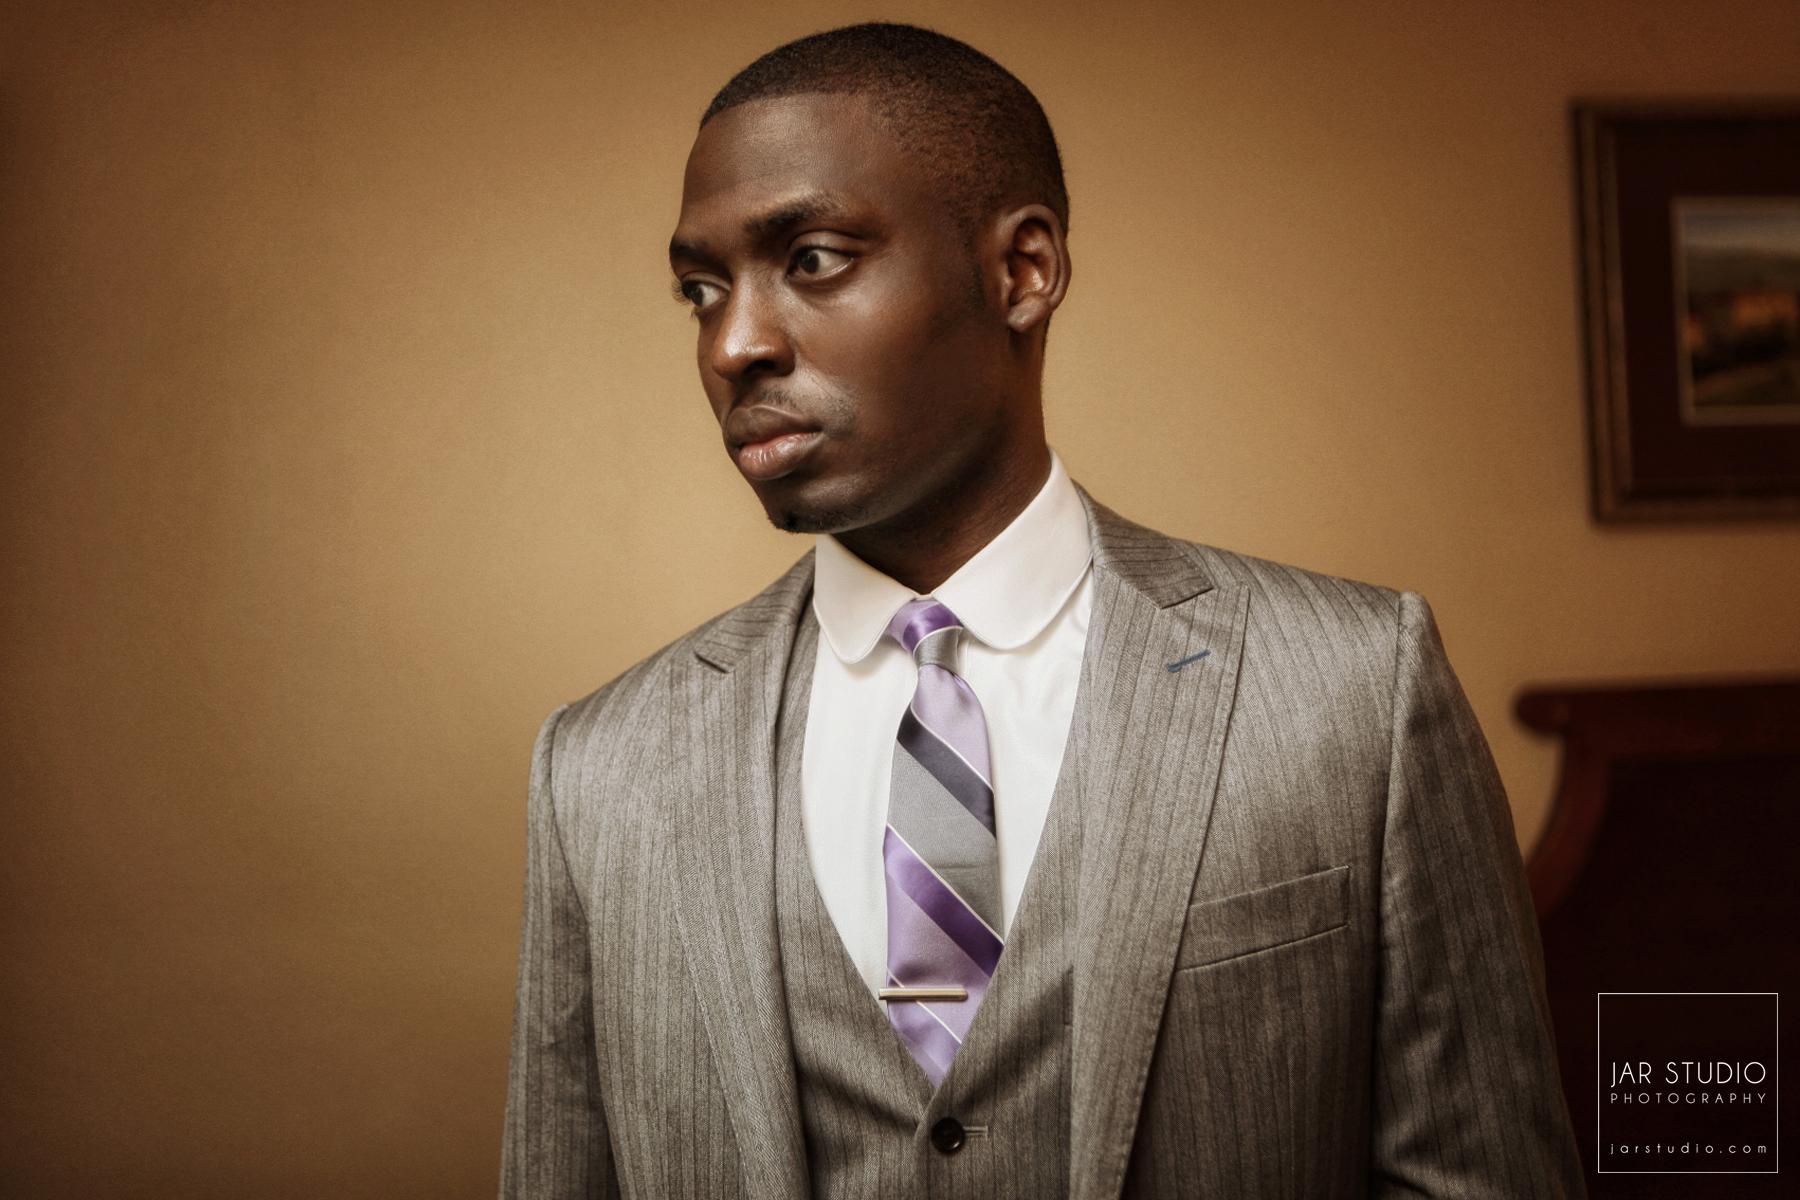 07-handsome-nigerian-groom-portrait-photographer-jarstudio.JPG